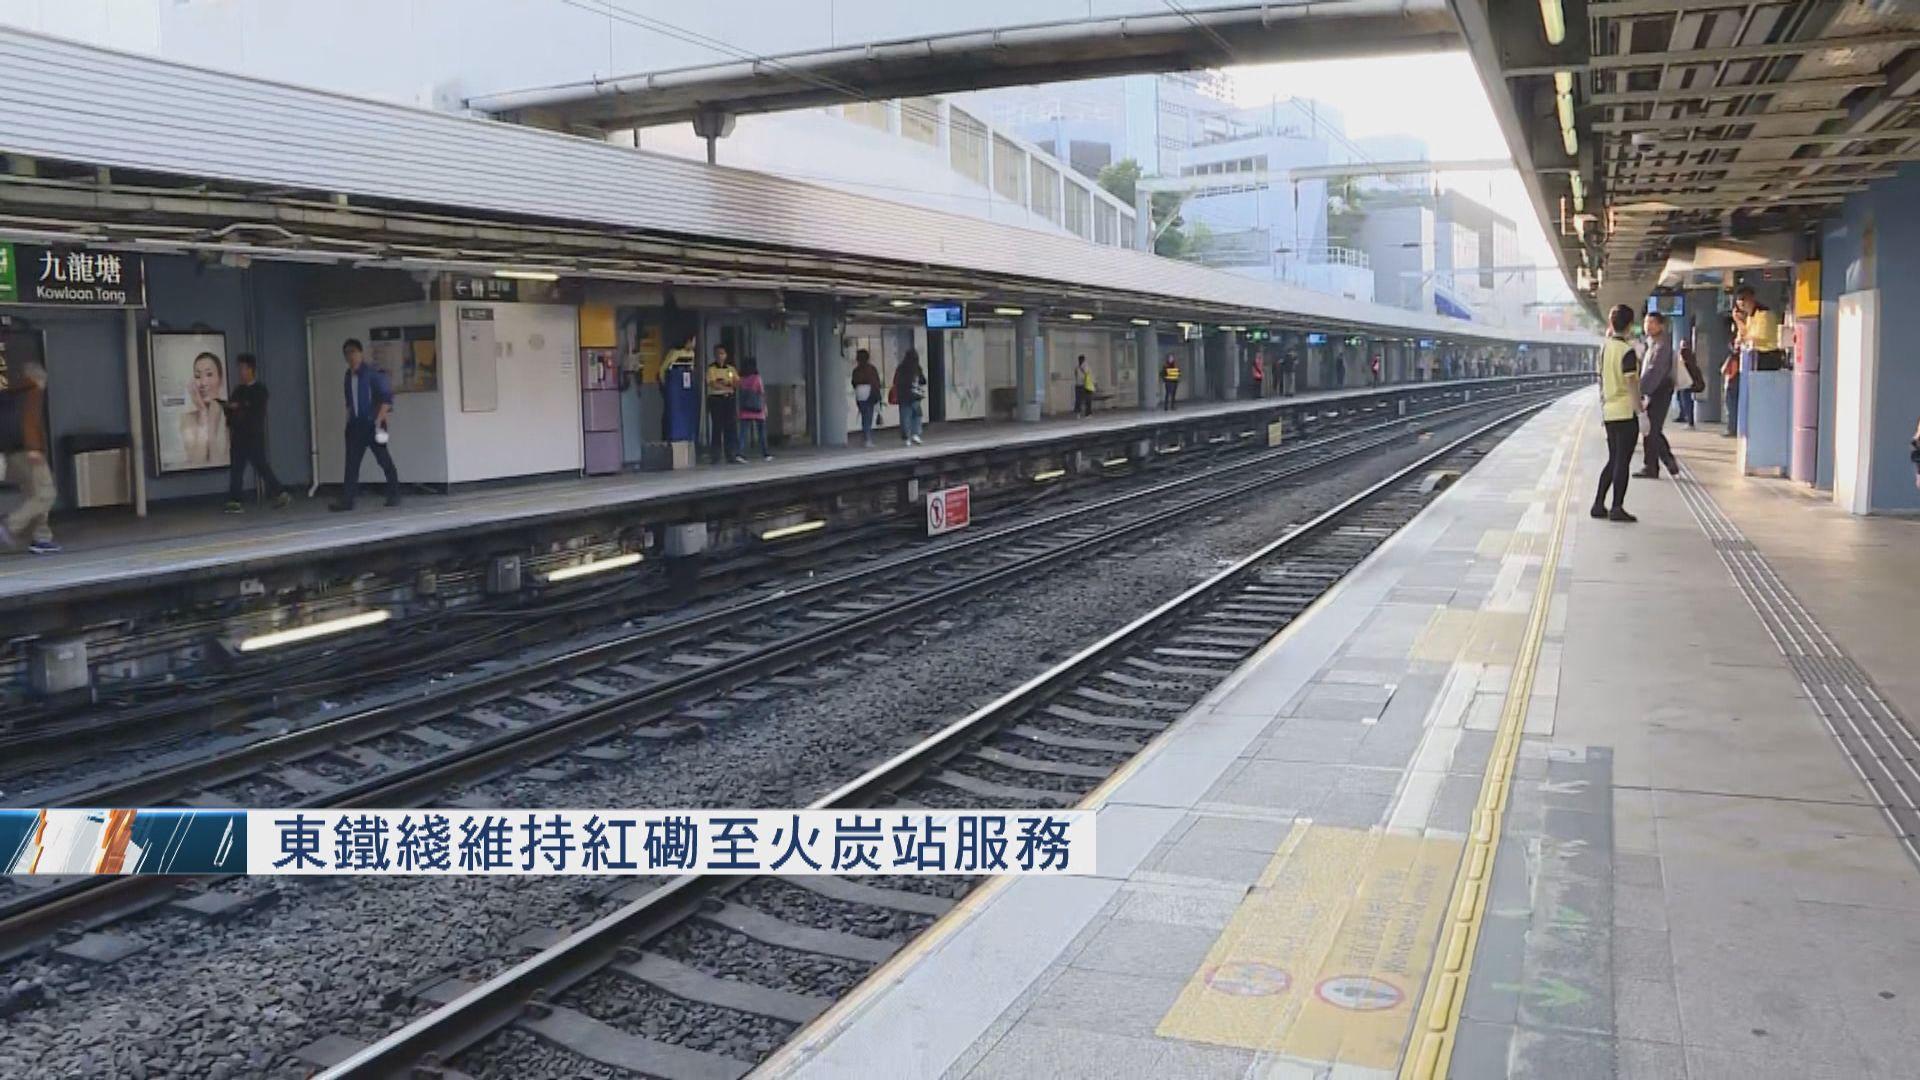 東鐵綫維持紅磡至火炭站服務